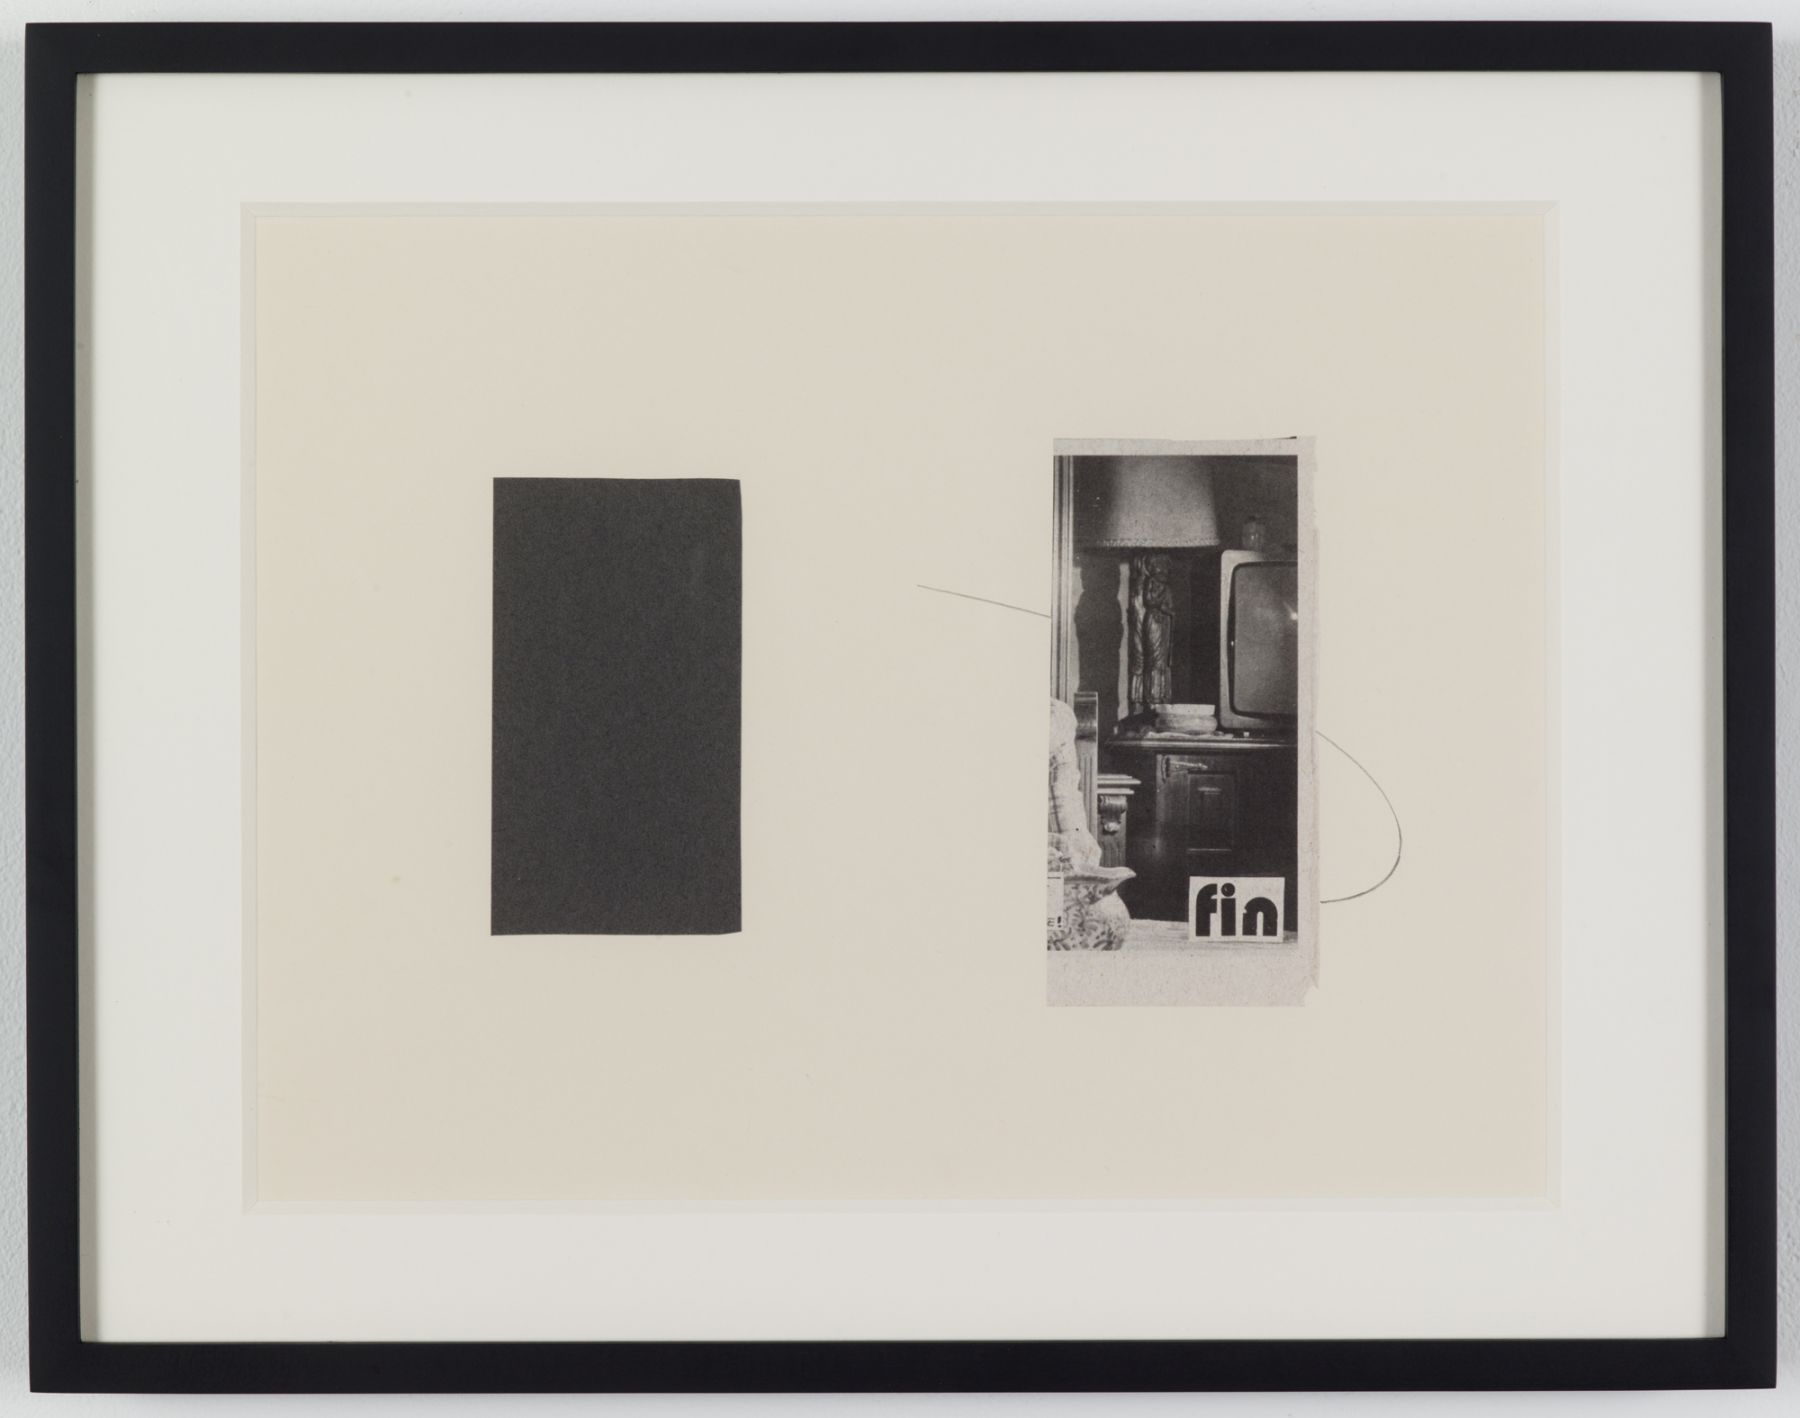 John Stezaker, End I (Photoroman)